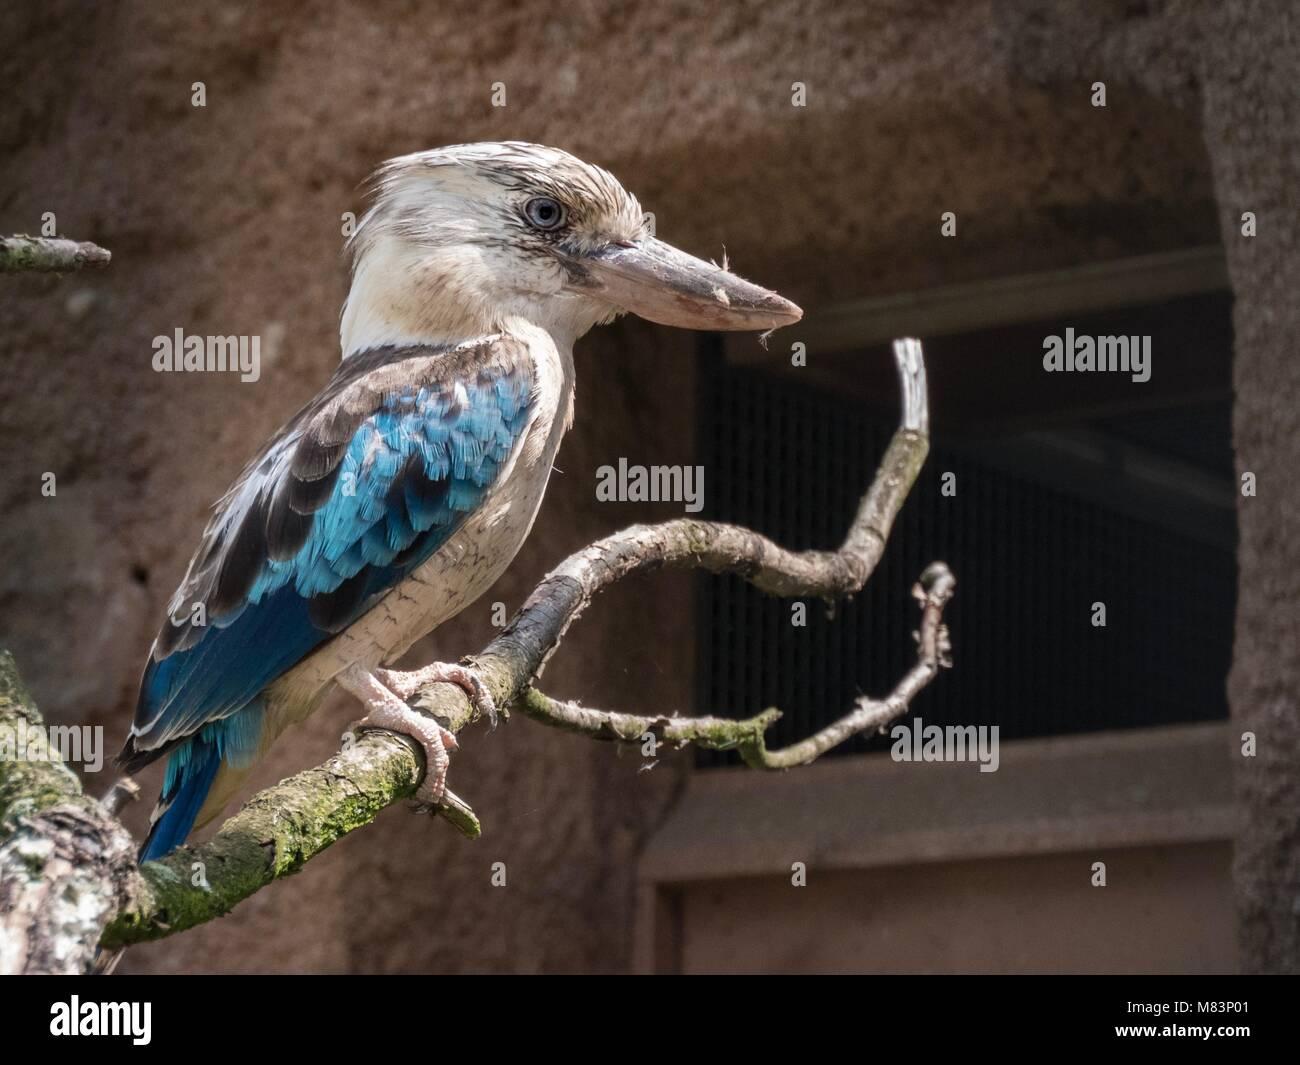 Australian bird Stock Photo